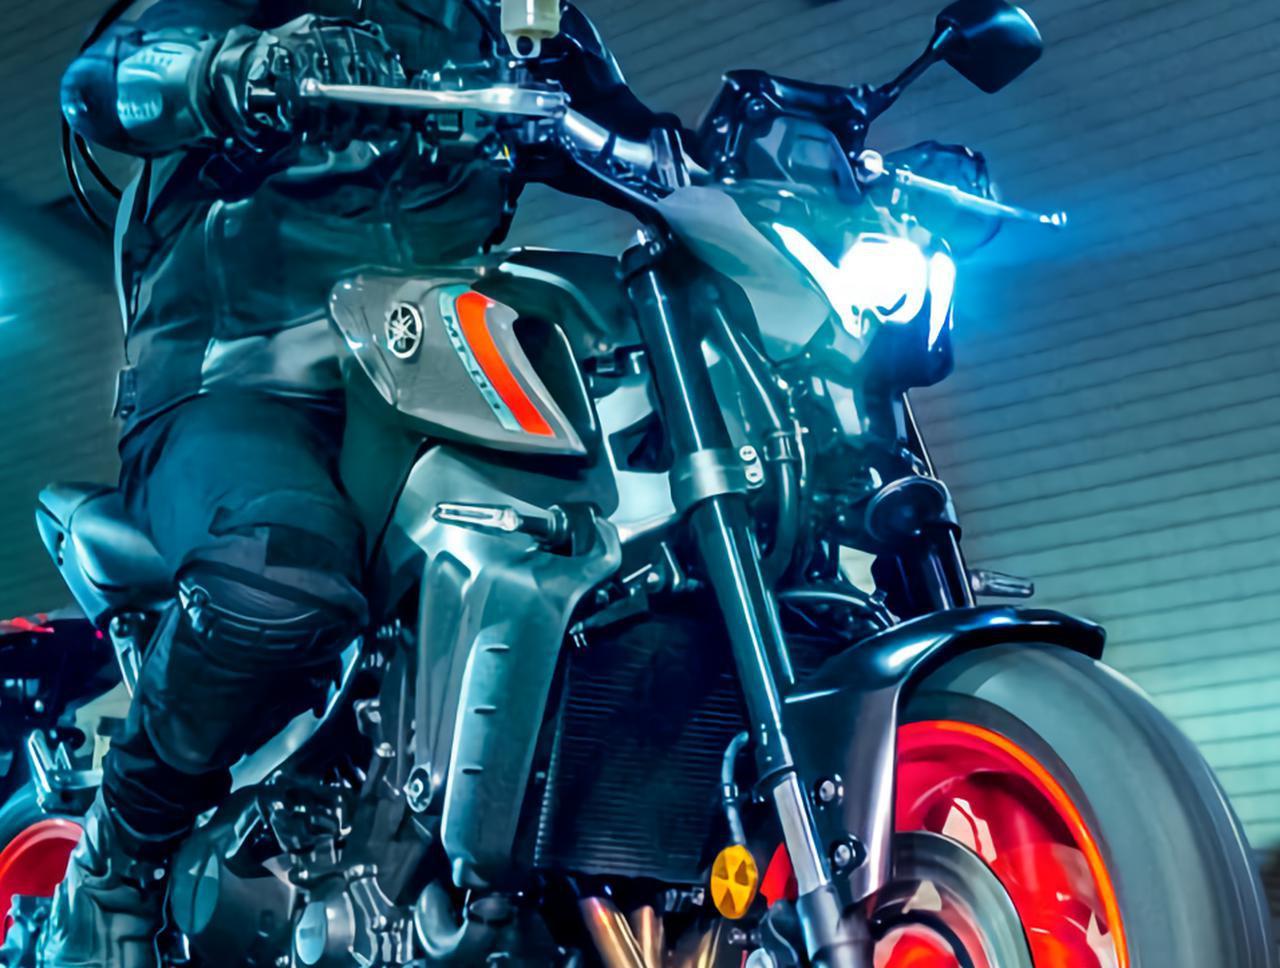 画像: 新型「MT-09」の詳しい情報・カラー・スペック・走行写真はこちら - webオートバイ